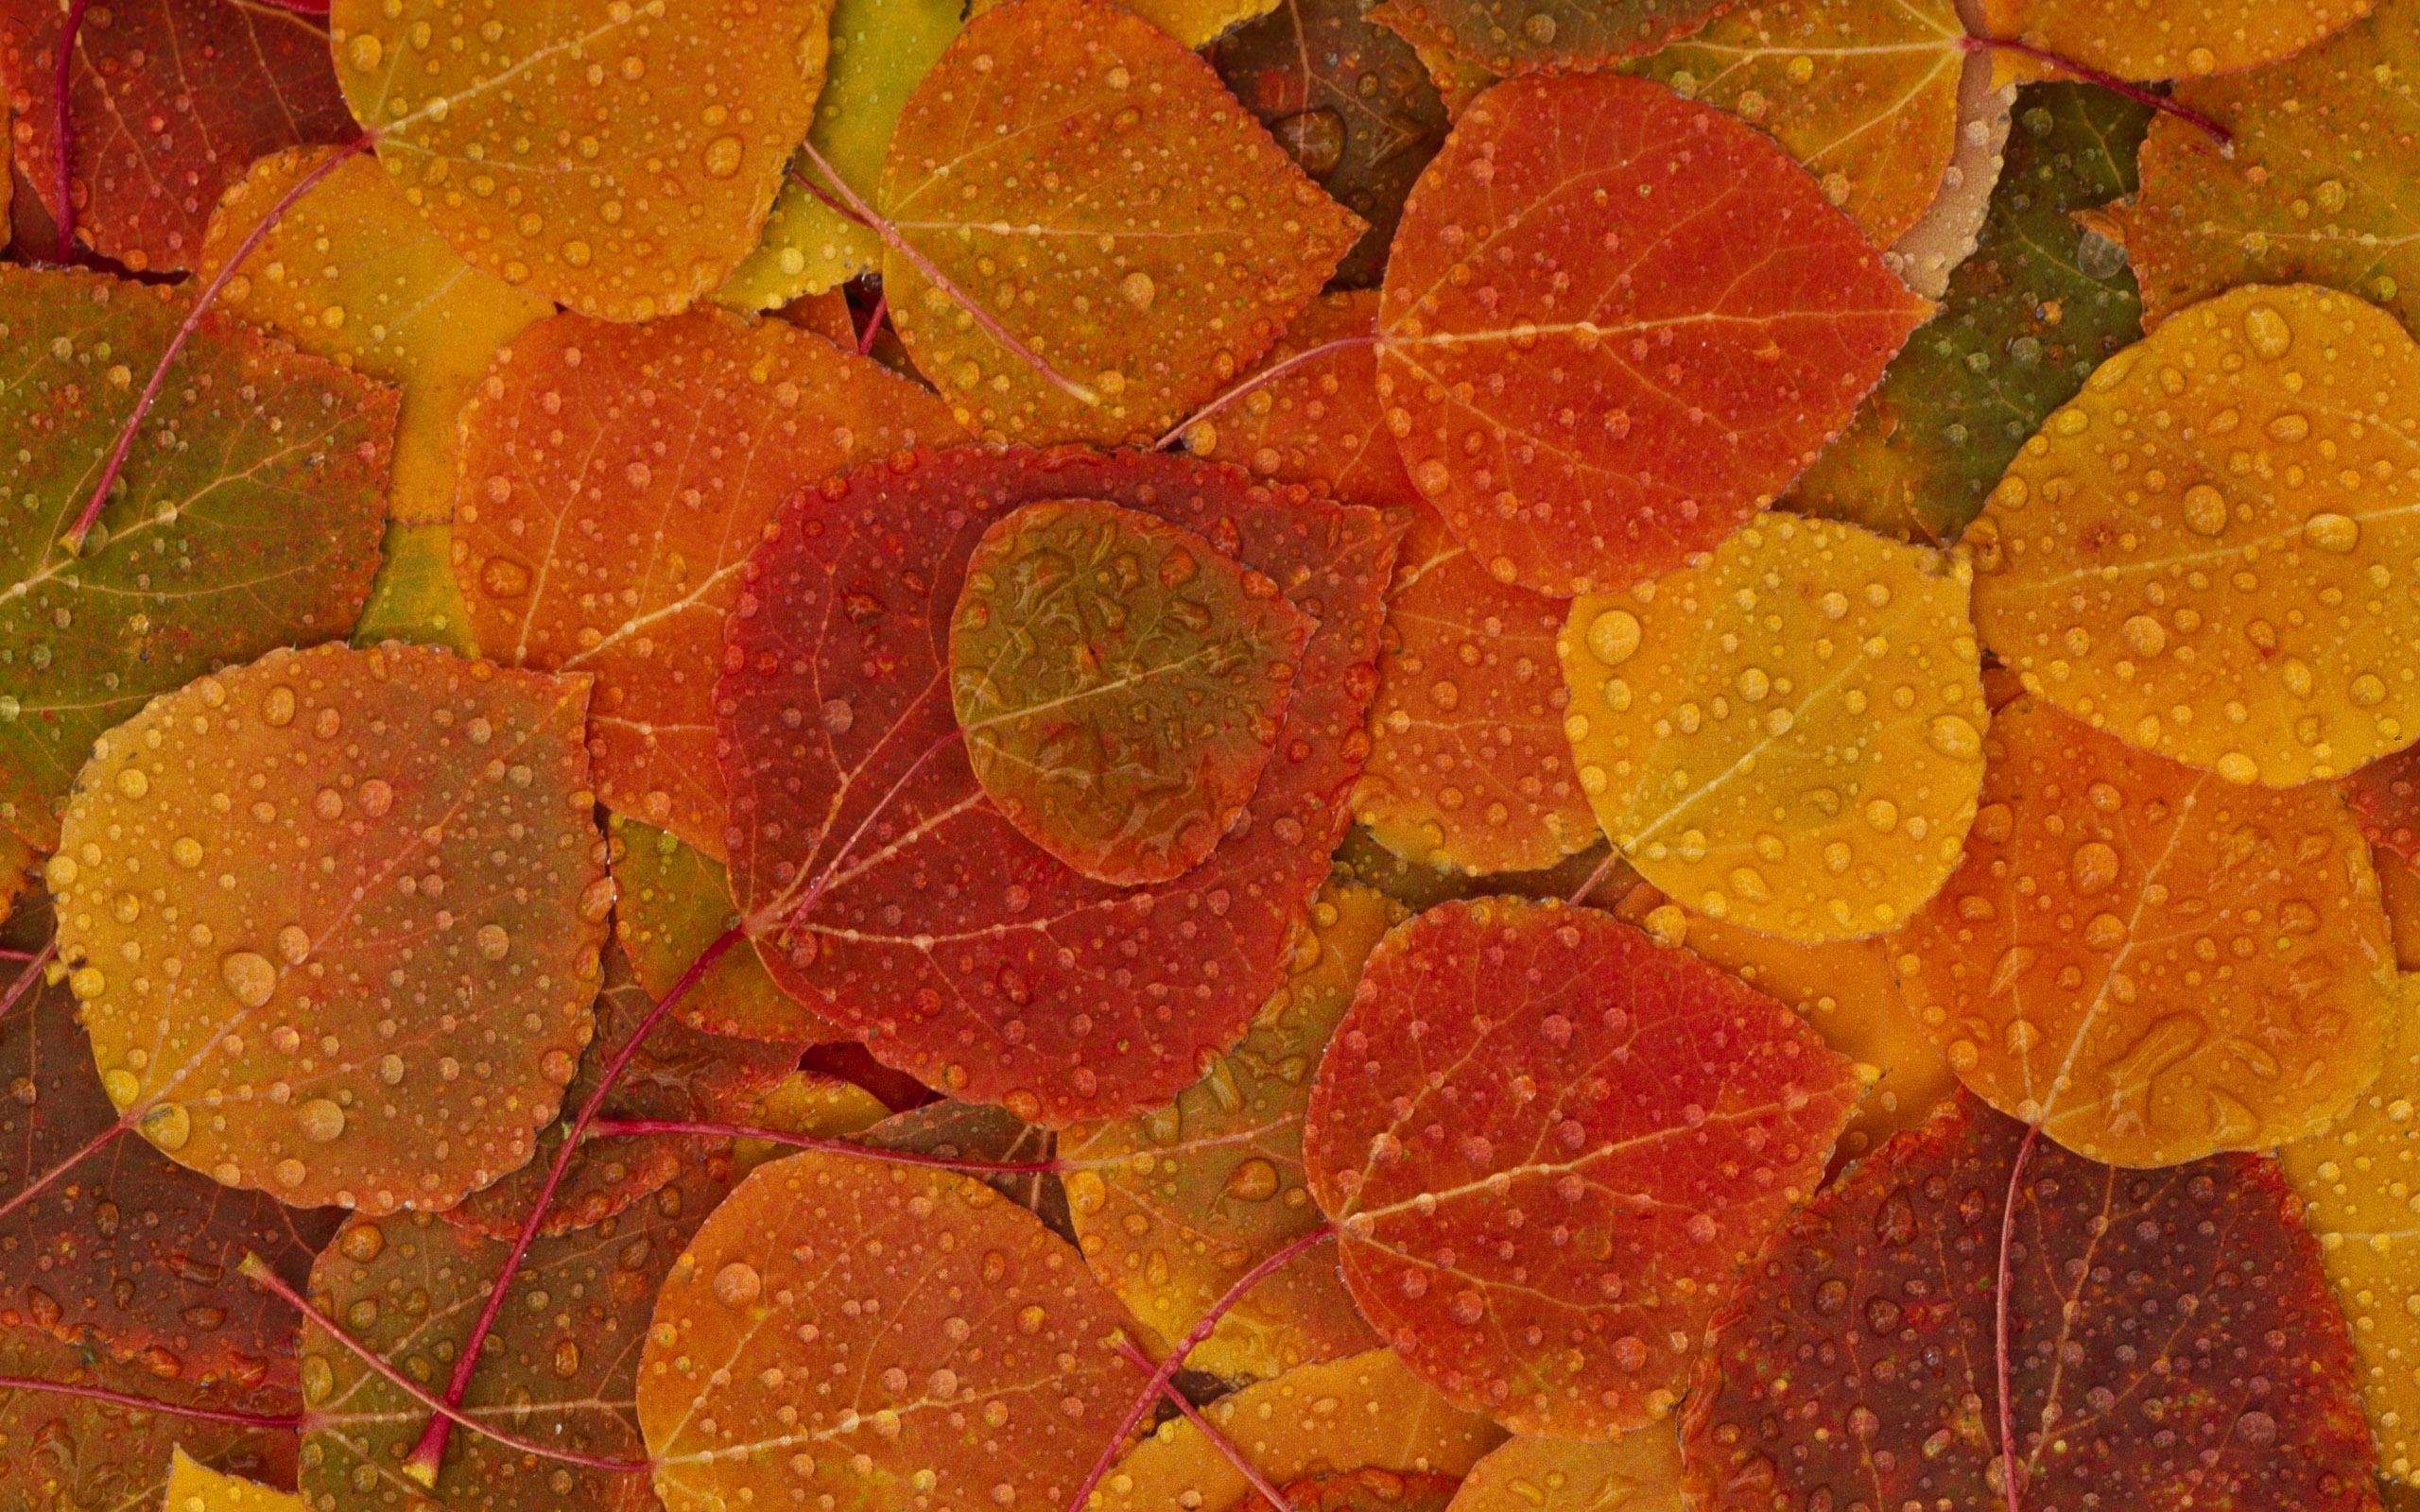 desktop wallpaper fall foliage   wwwwallpapers in hdcom 2560x1600